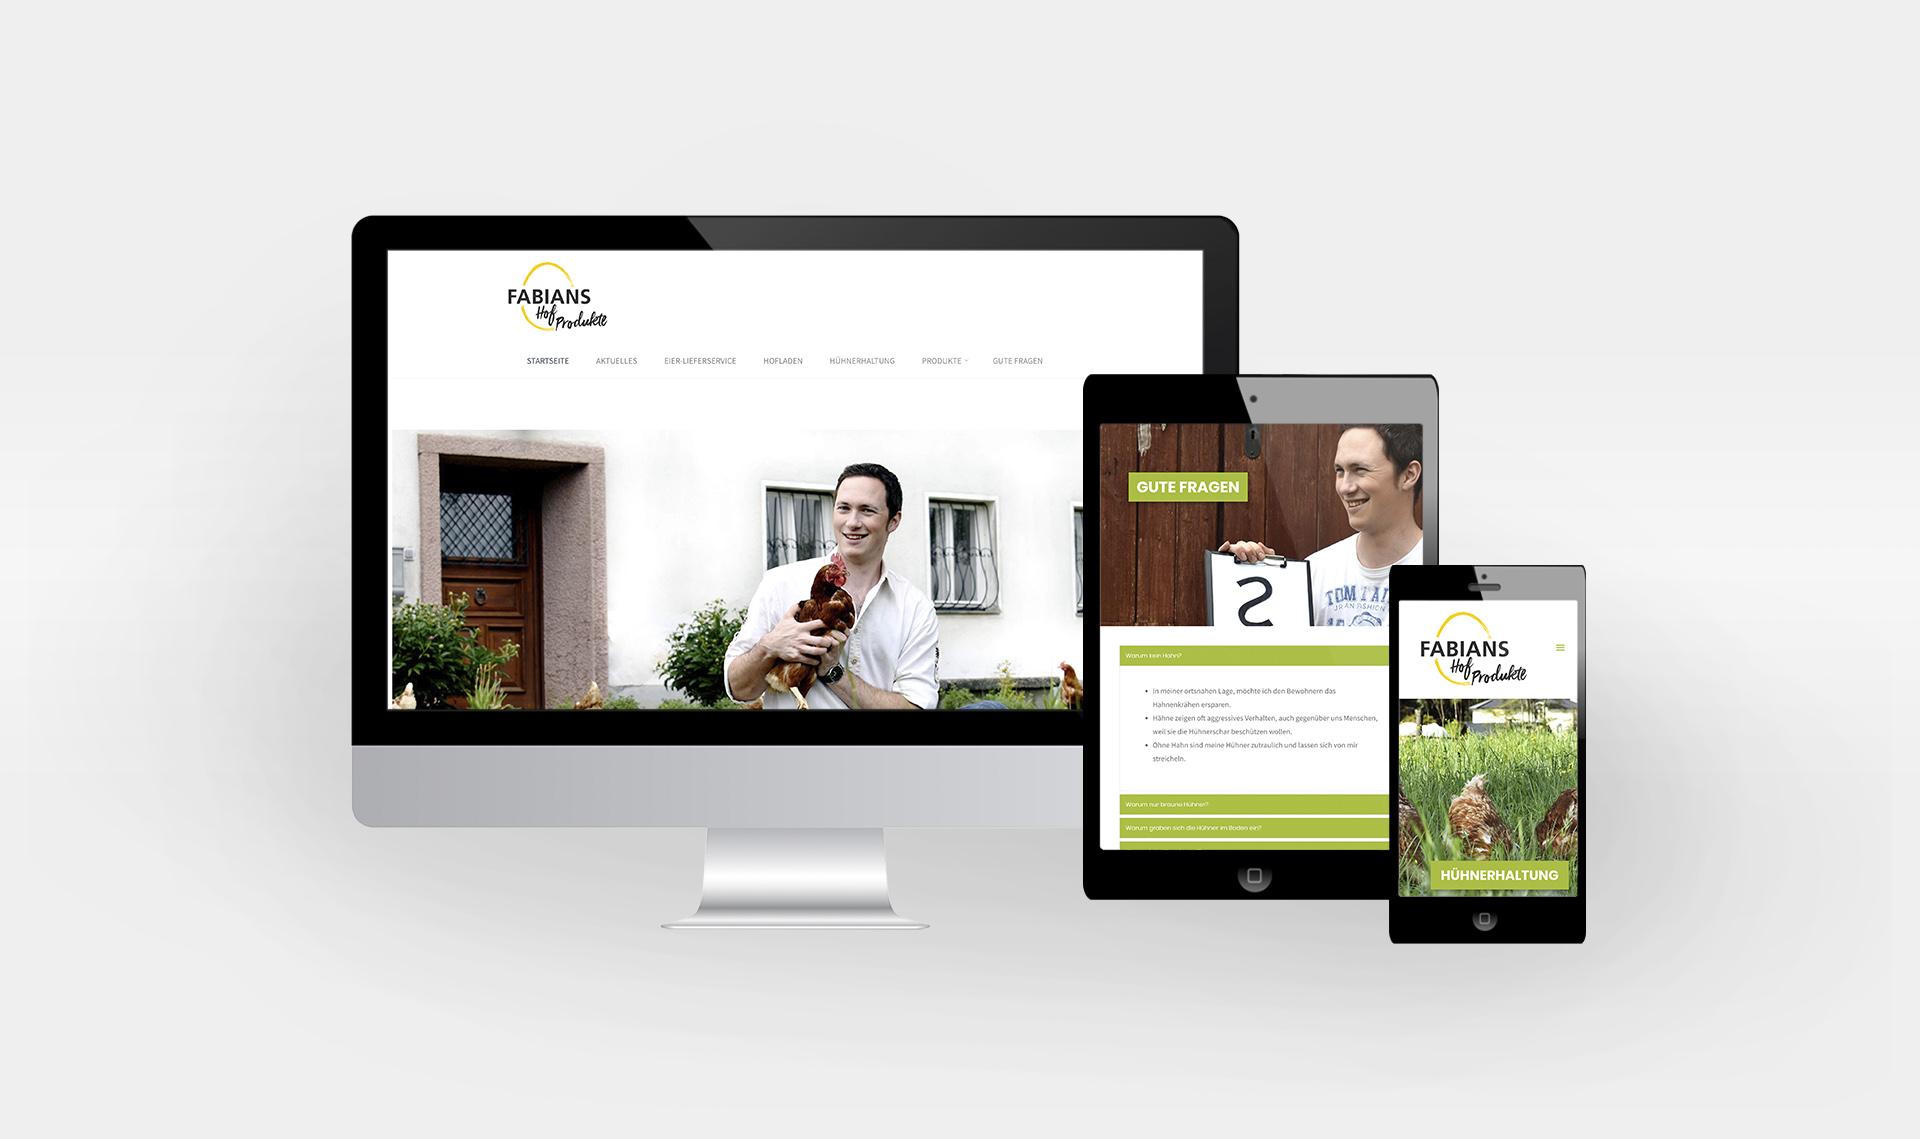 webauftritt-fabians-hofprodukte-image-1